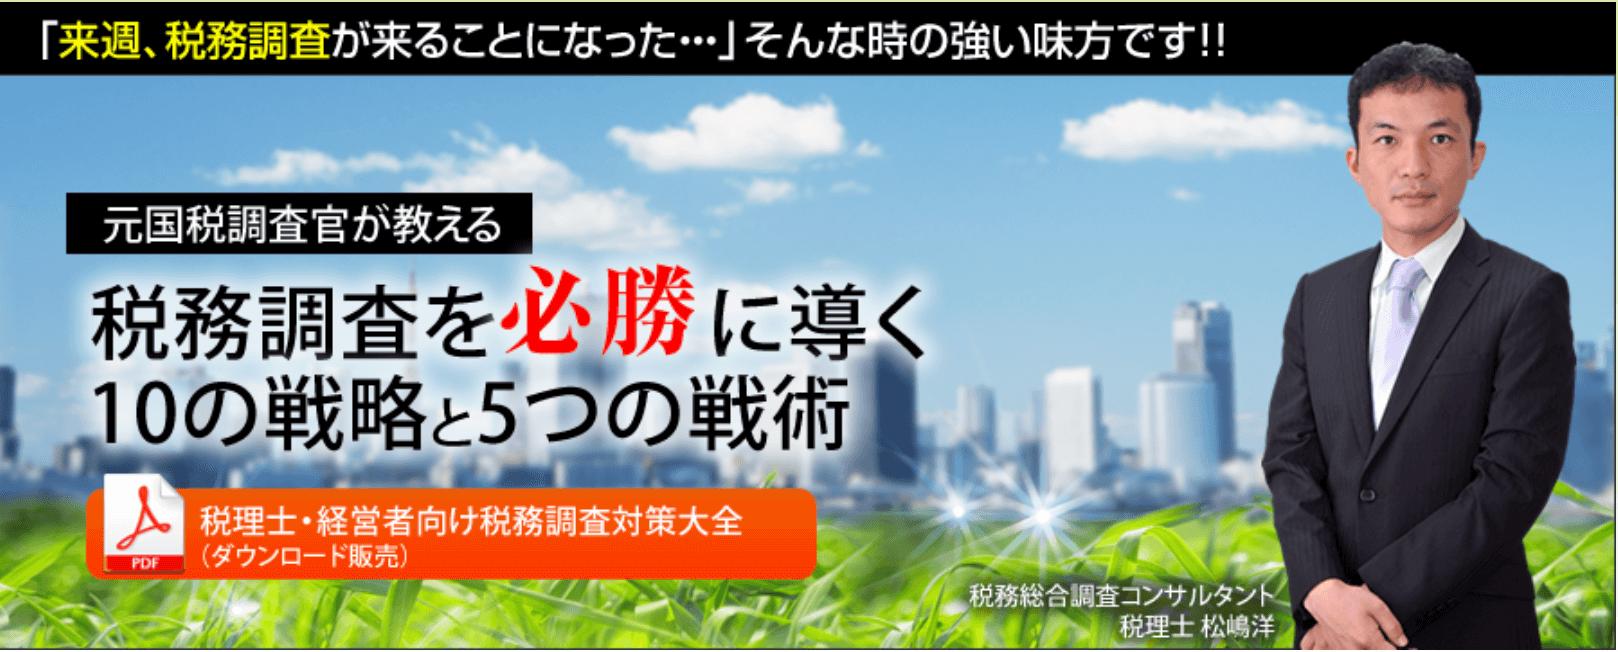 松嶋洋の元国税調査官が教える税務調査を必勝に導く10の戦略と5つの戦術豪華特典付き評判口コミレビュー